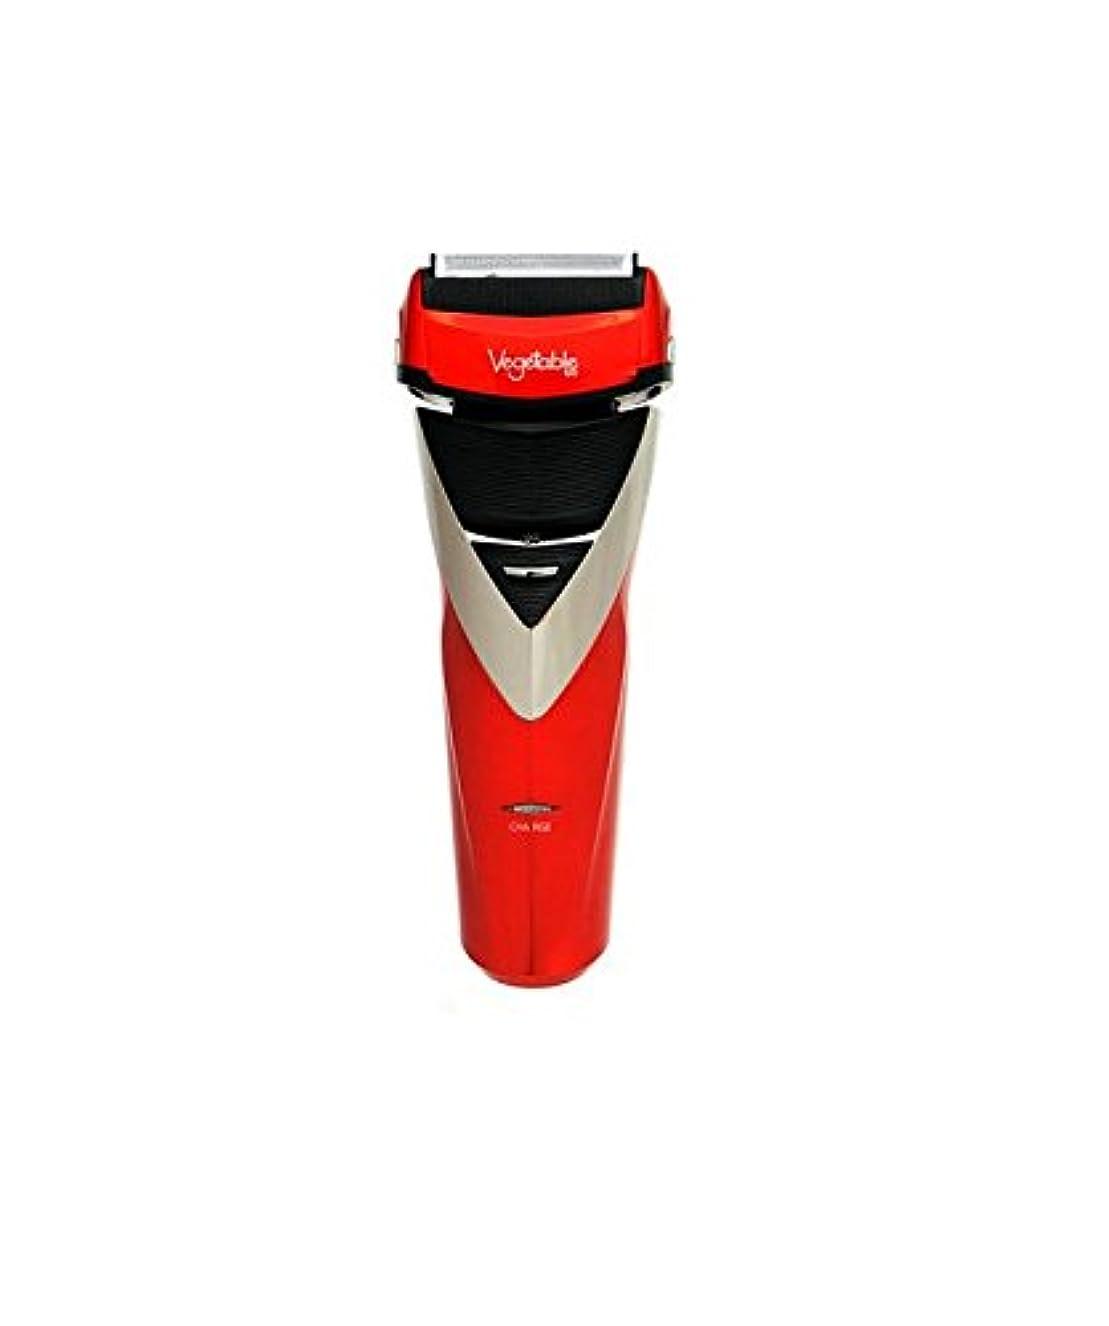 要求するこどもセンター広々GD商事 充電式水洗い2枚刃シェーバー GD-ST205R レッド